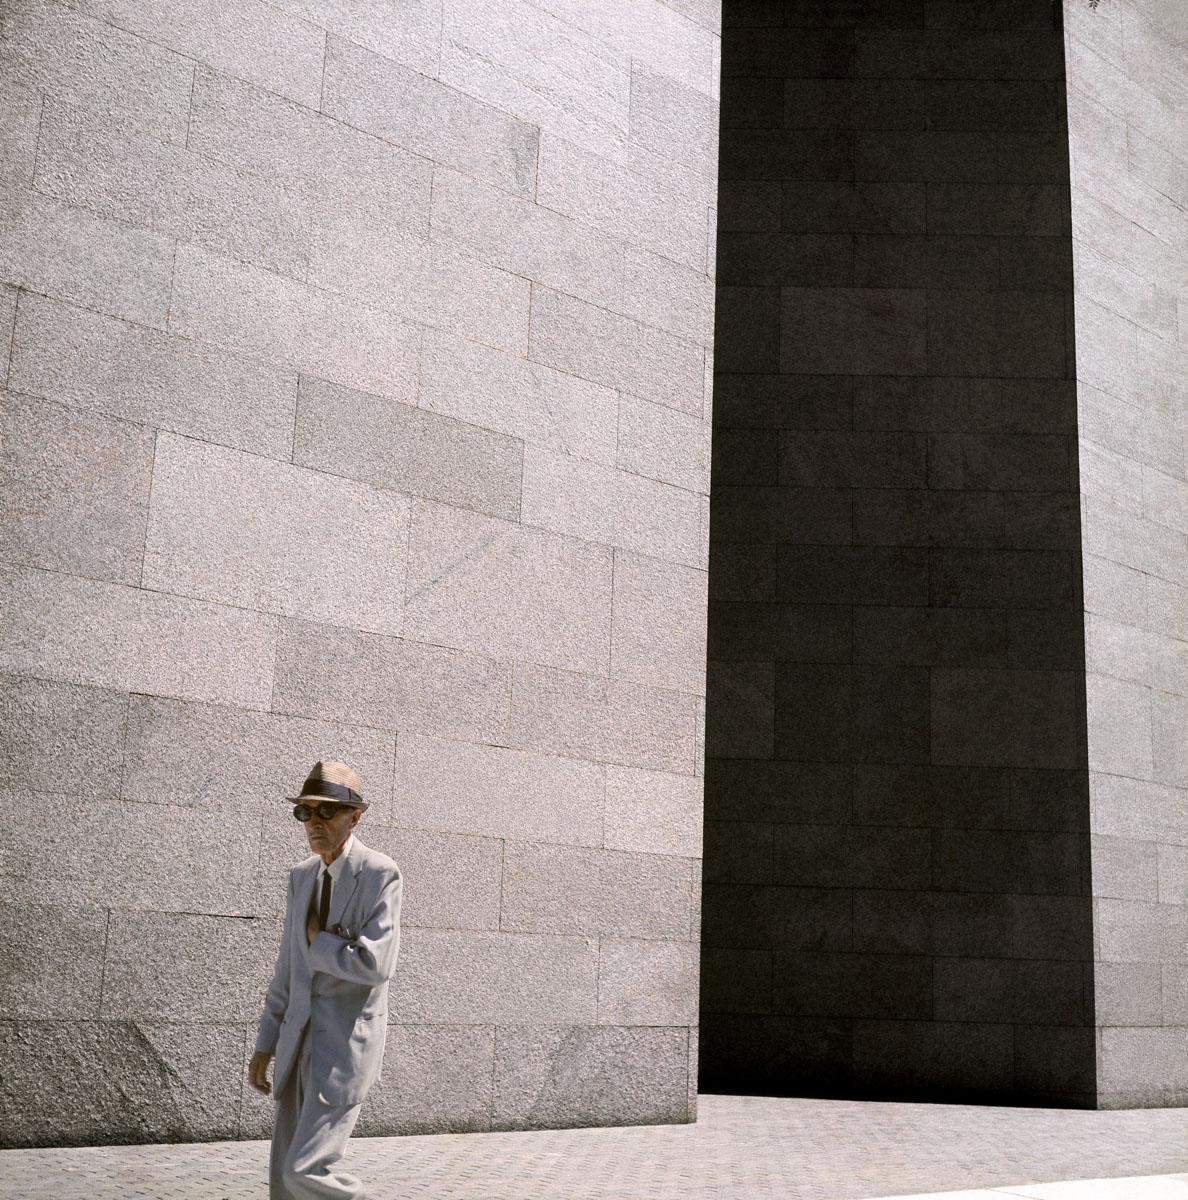 La photographie montre un homme chapeauté marchant devant un immeuble.